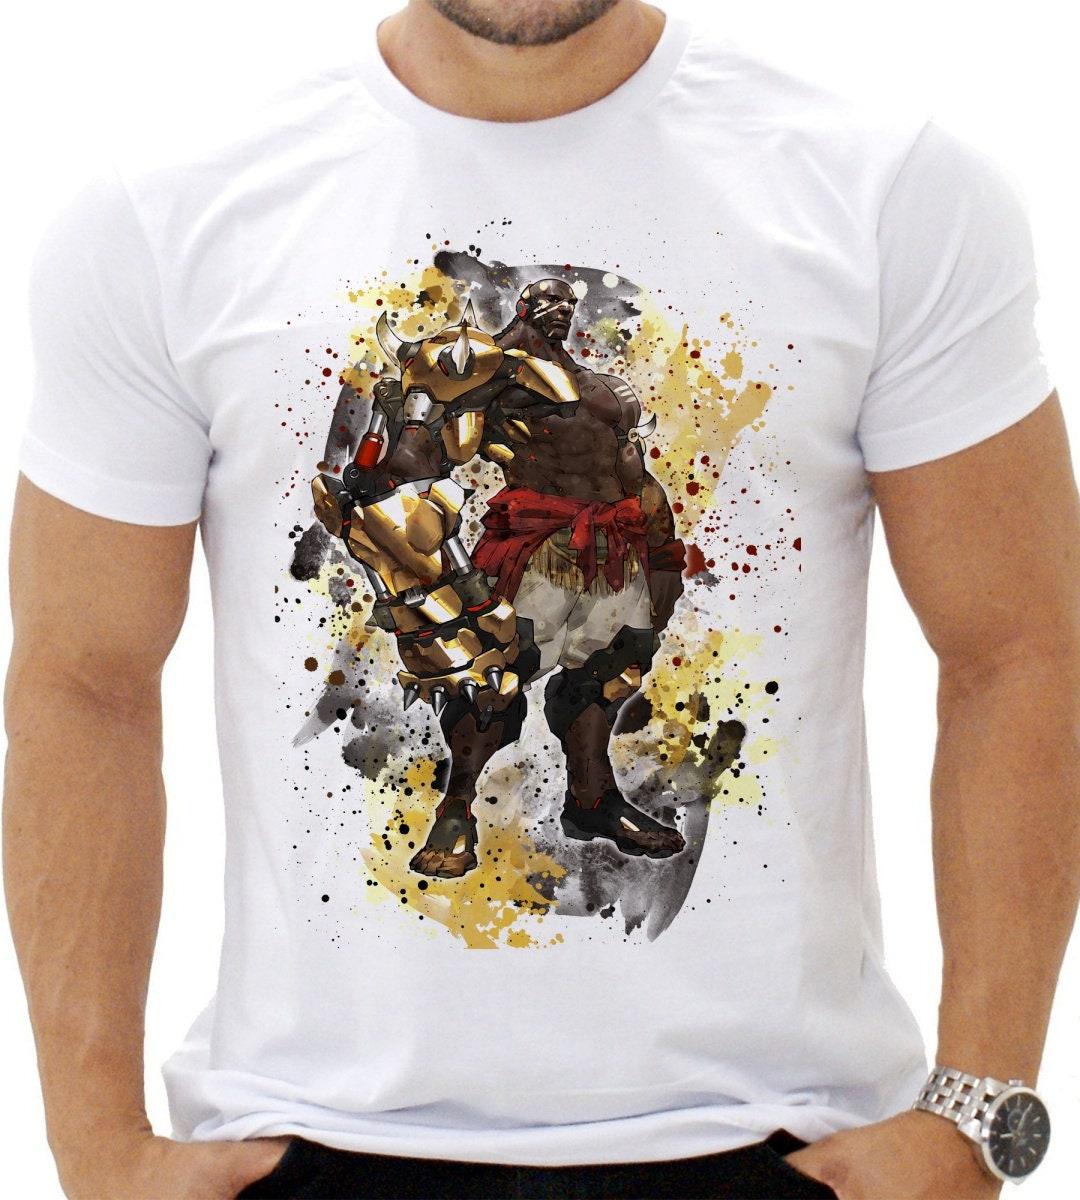 Overwatch Doomfist, jeu Tee, Overwatch Overwatch Overwatch TShirt, idée cadeau, Overwatch T-Shirt DTG, tee-shirt Unique, haut de gamme qualité unisexe Shirt,no.028 f42a7b